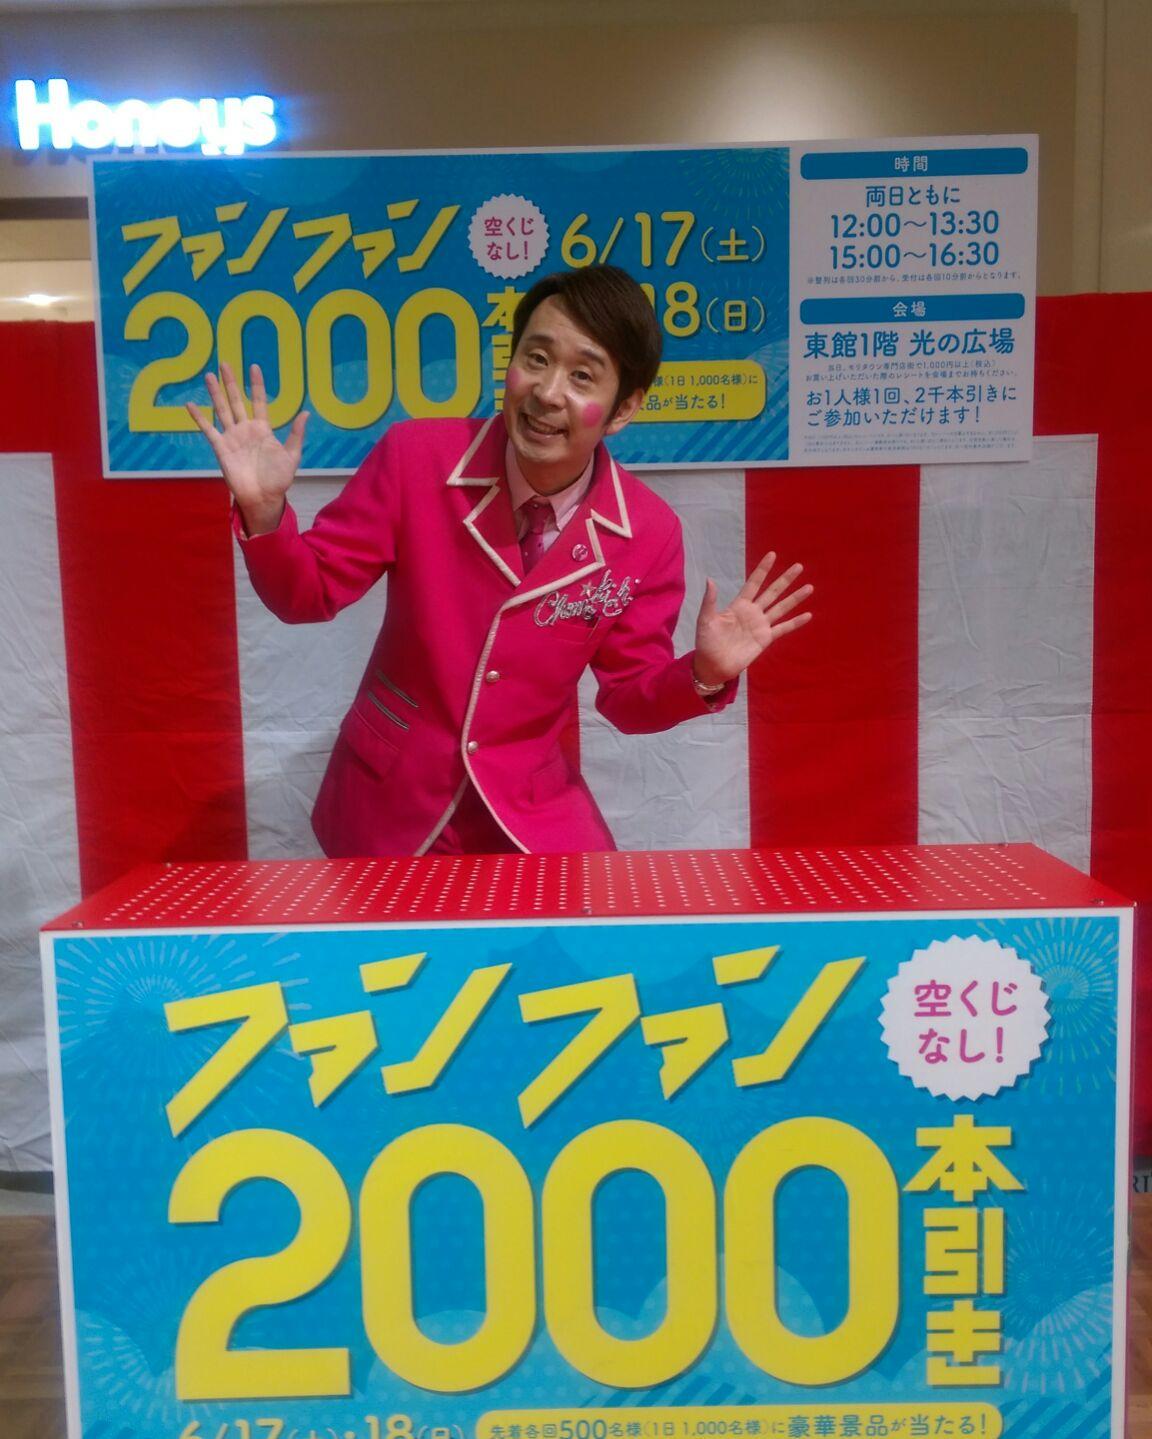 2000本引き終わりんこ~♪